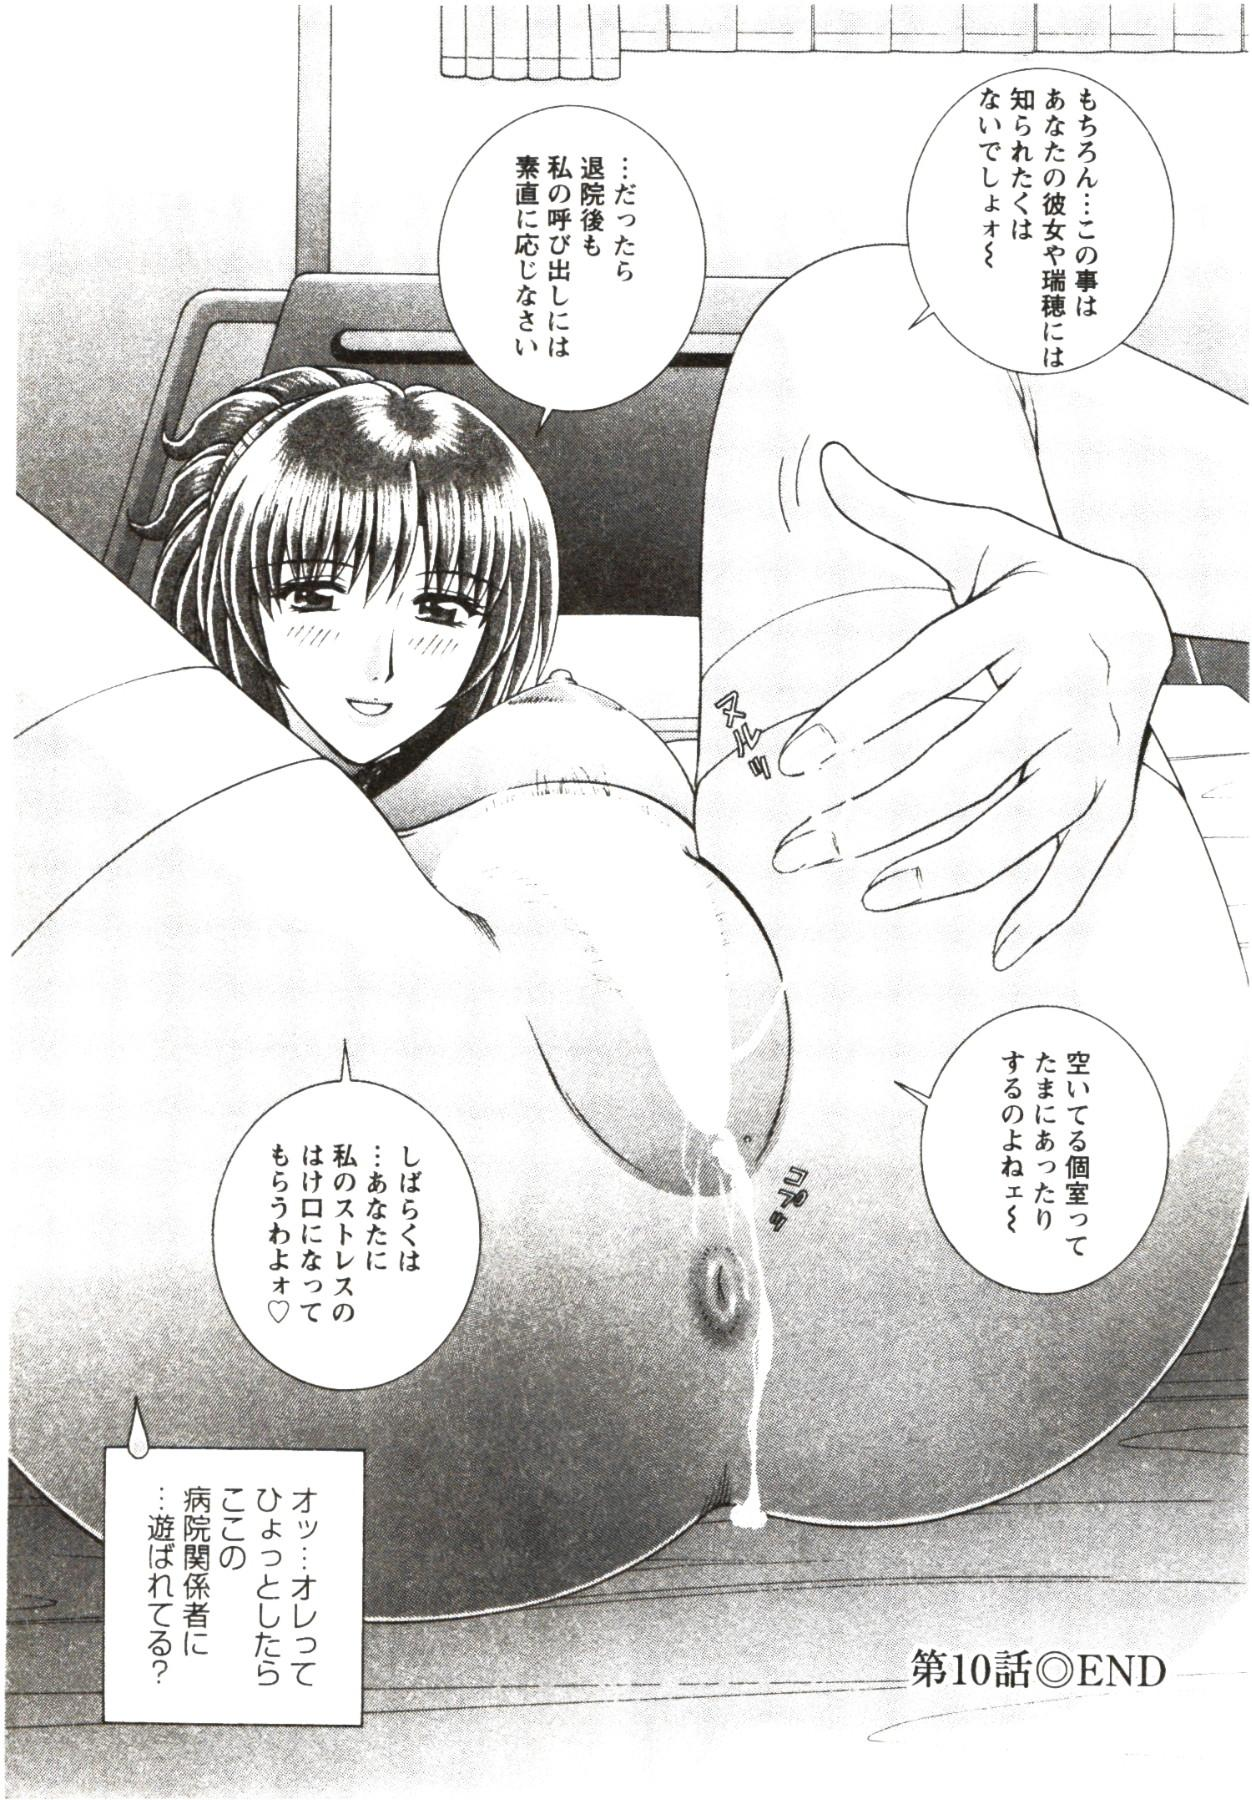 Futarigurashi 187